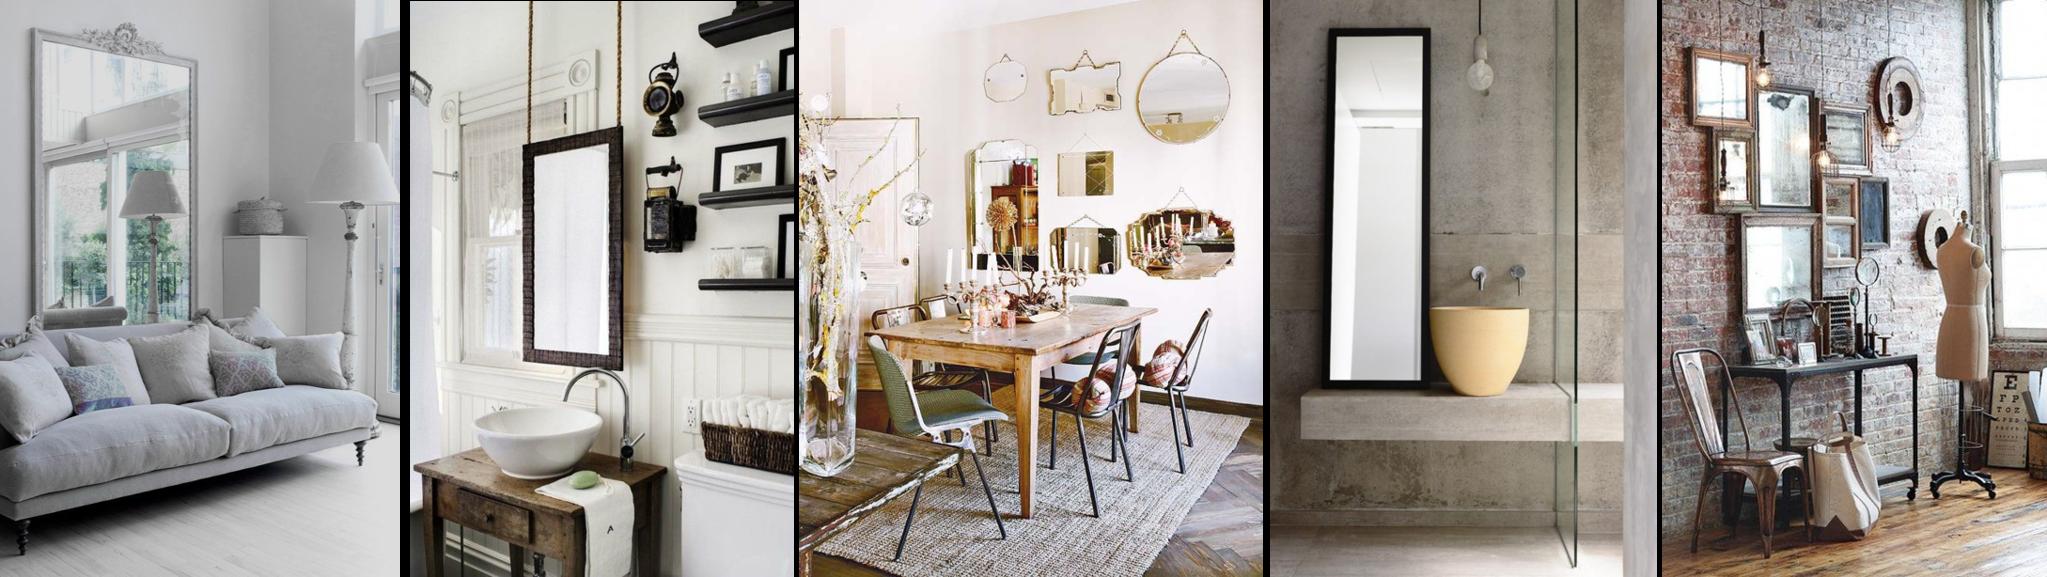 gro artige spiegel und bilderrahmen. Black Bedroom Furniture Sets. Home Design Ideas